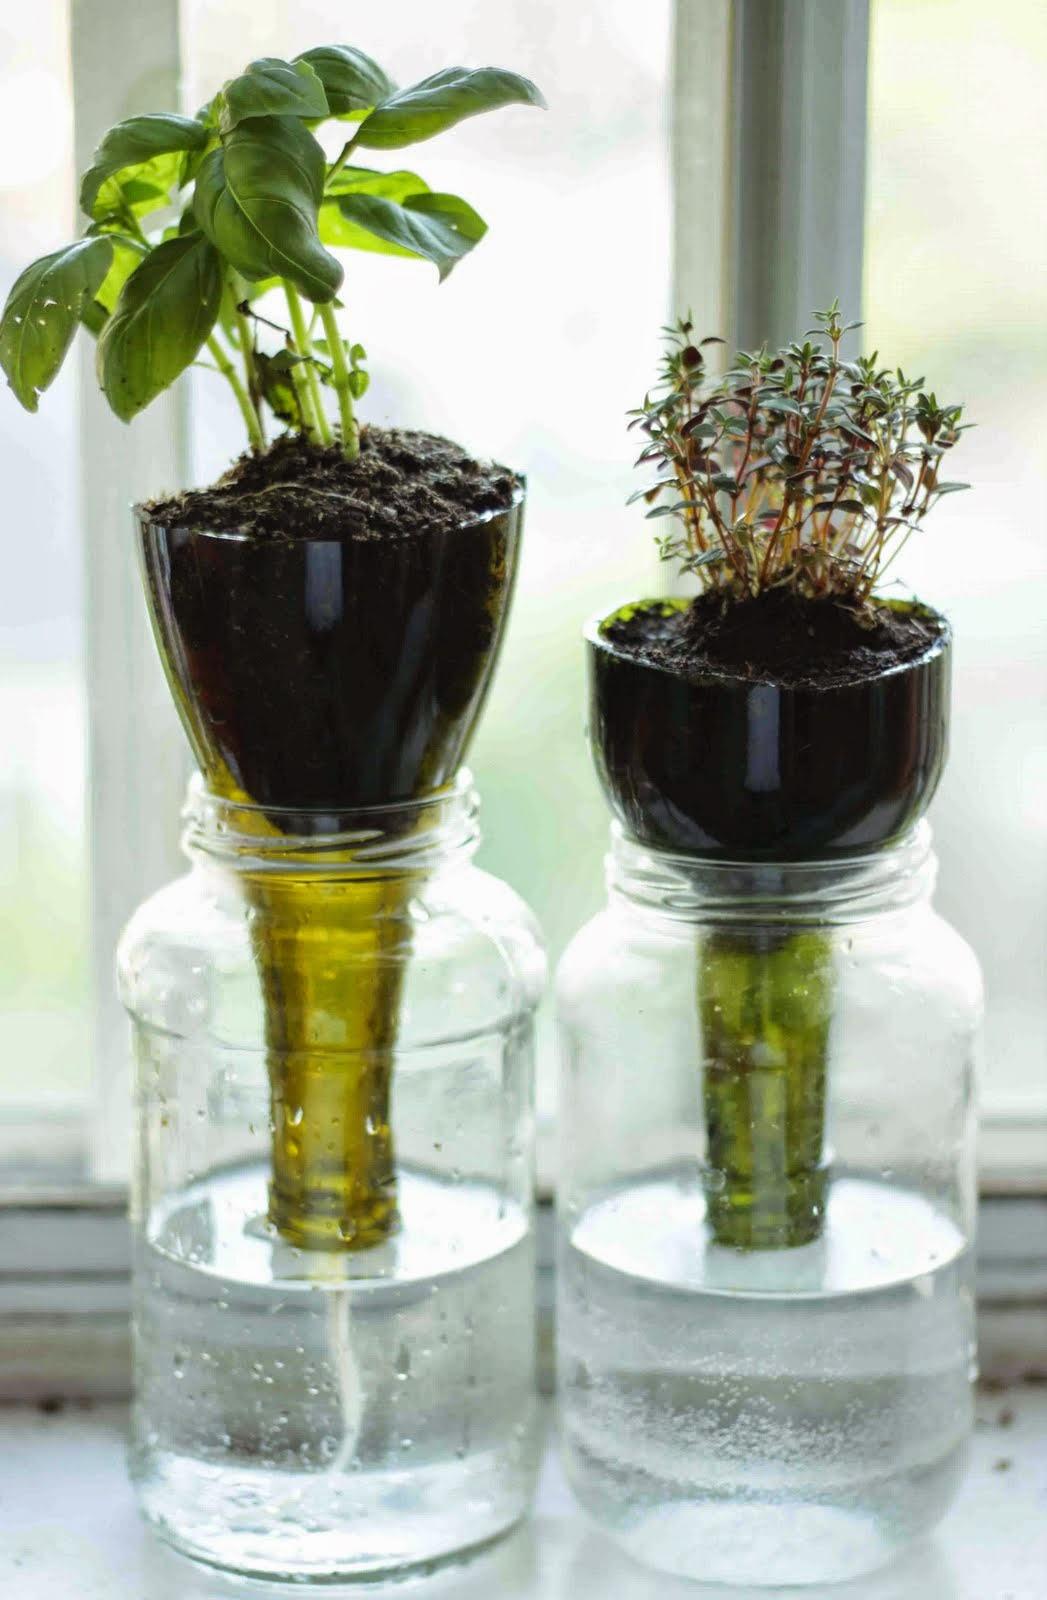 vaso-autoinnaffiante-fai-da-te-riciclare-una-bottiglia-di-plastica-diy-pot-bottle-selfwatering